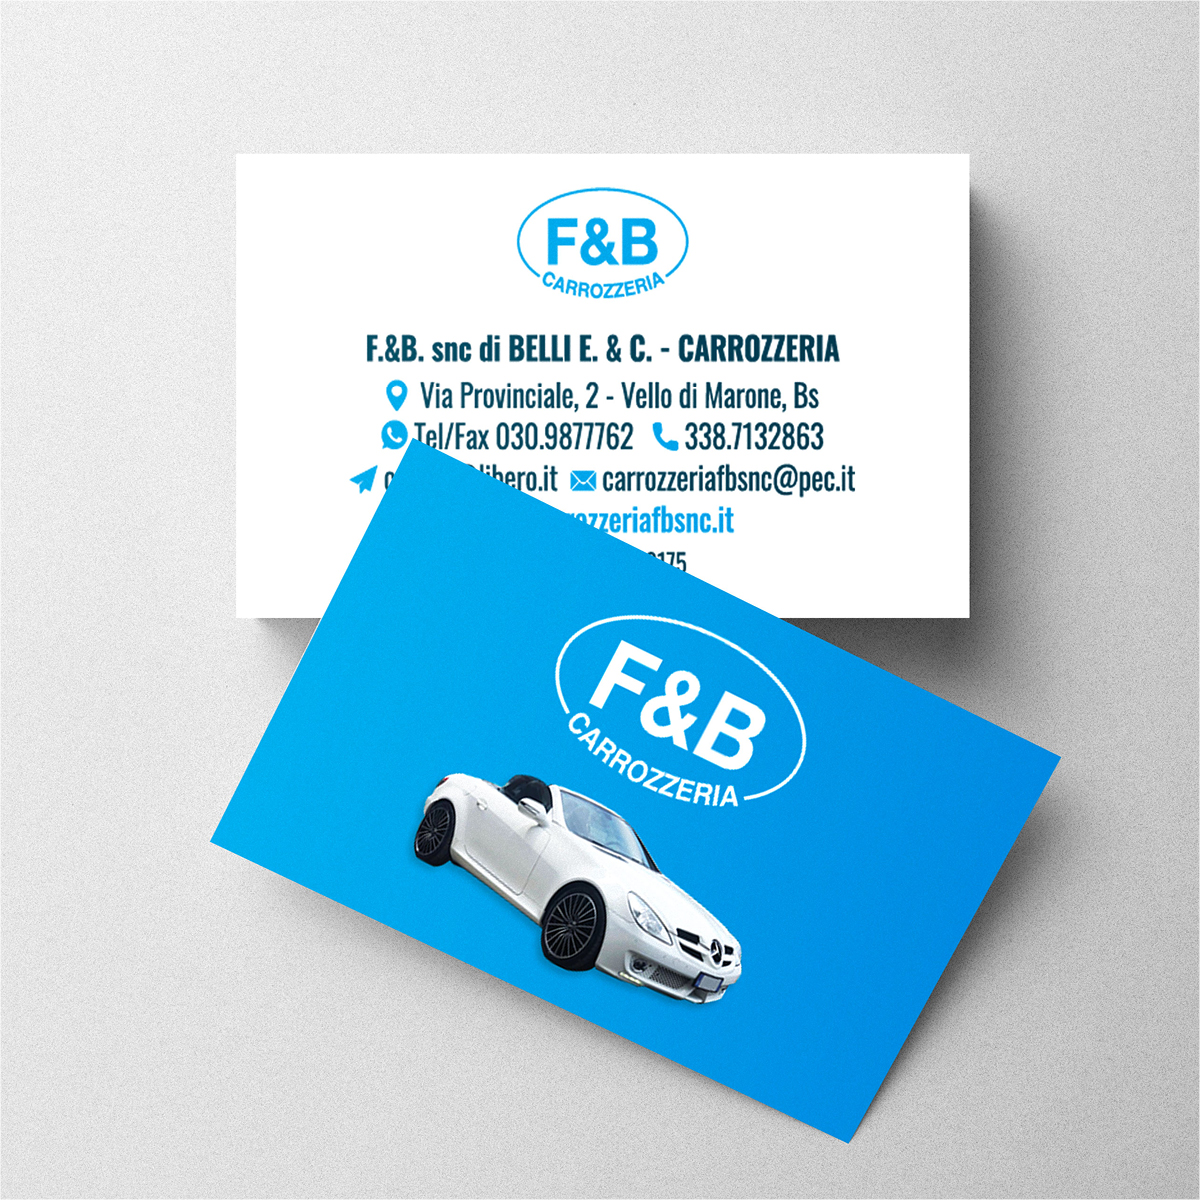 Grafica e stampa biglietti da visita personalizzati - Carrozzeria F&B Marone (Brescia)